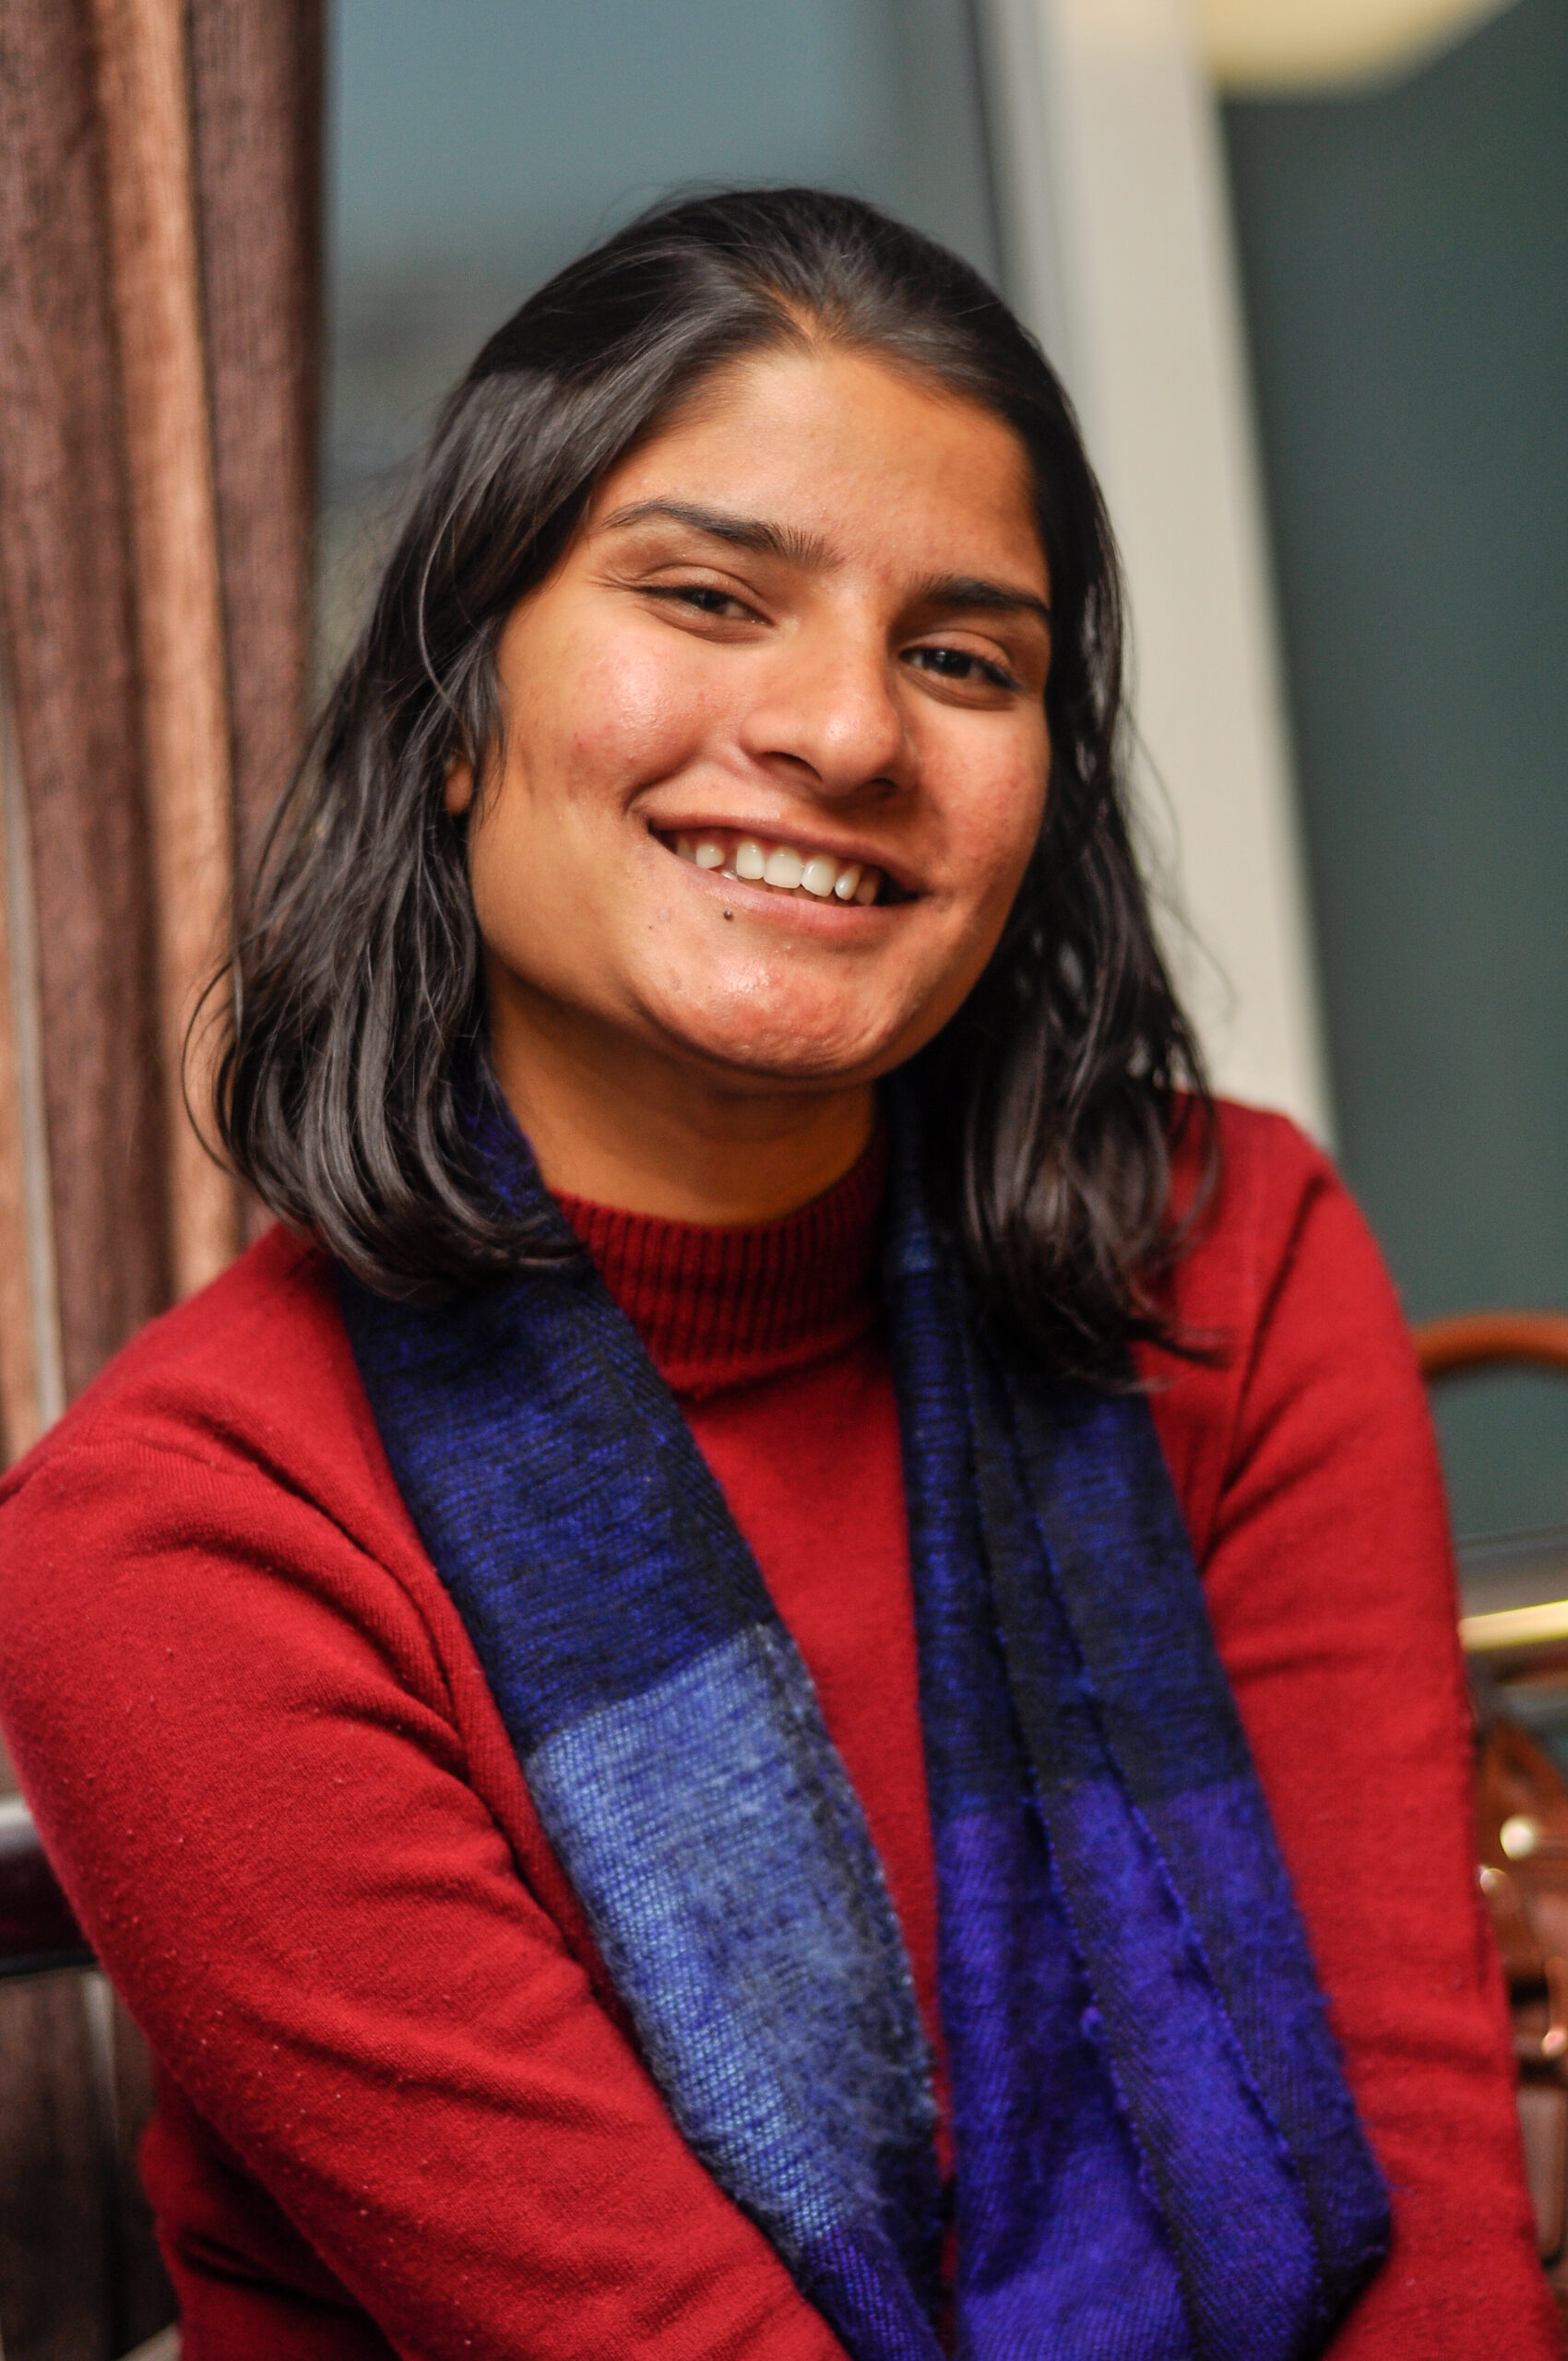 Nishma Gautam